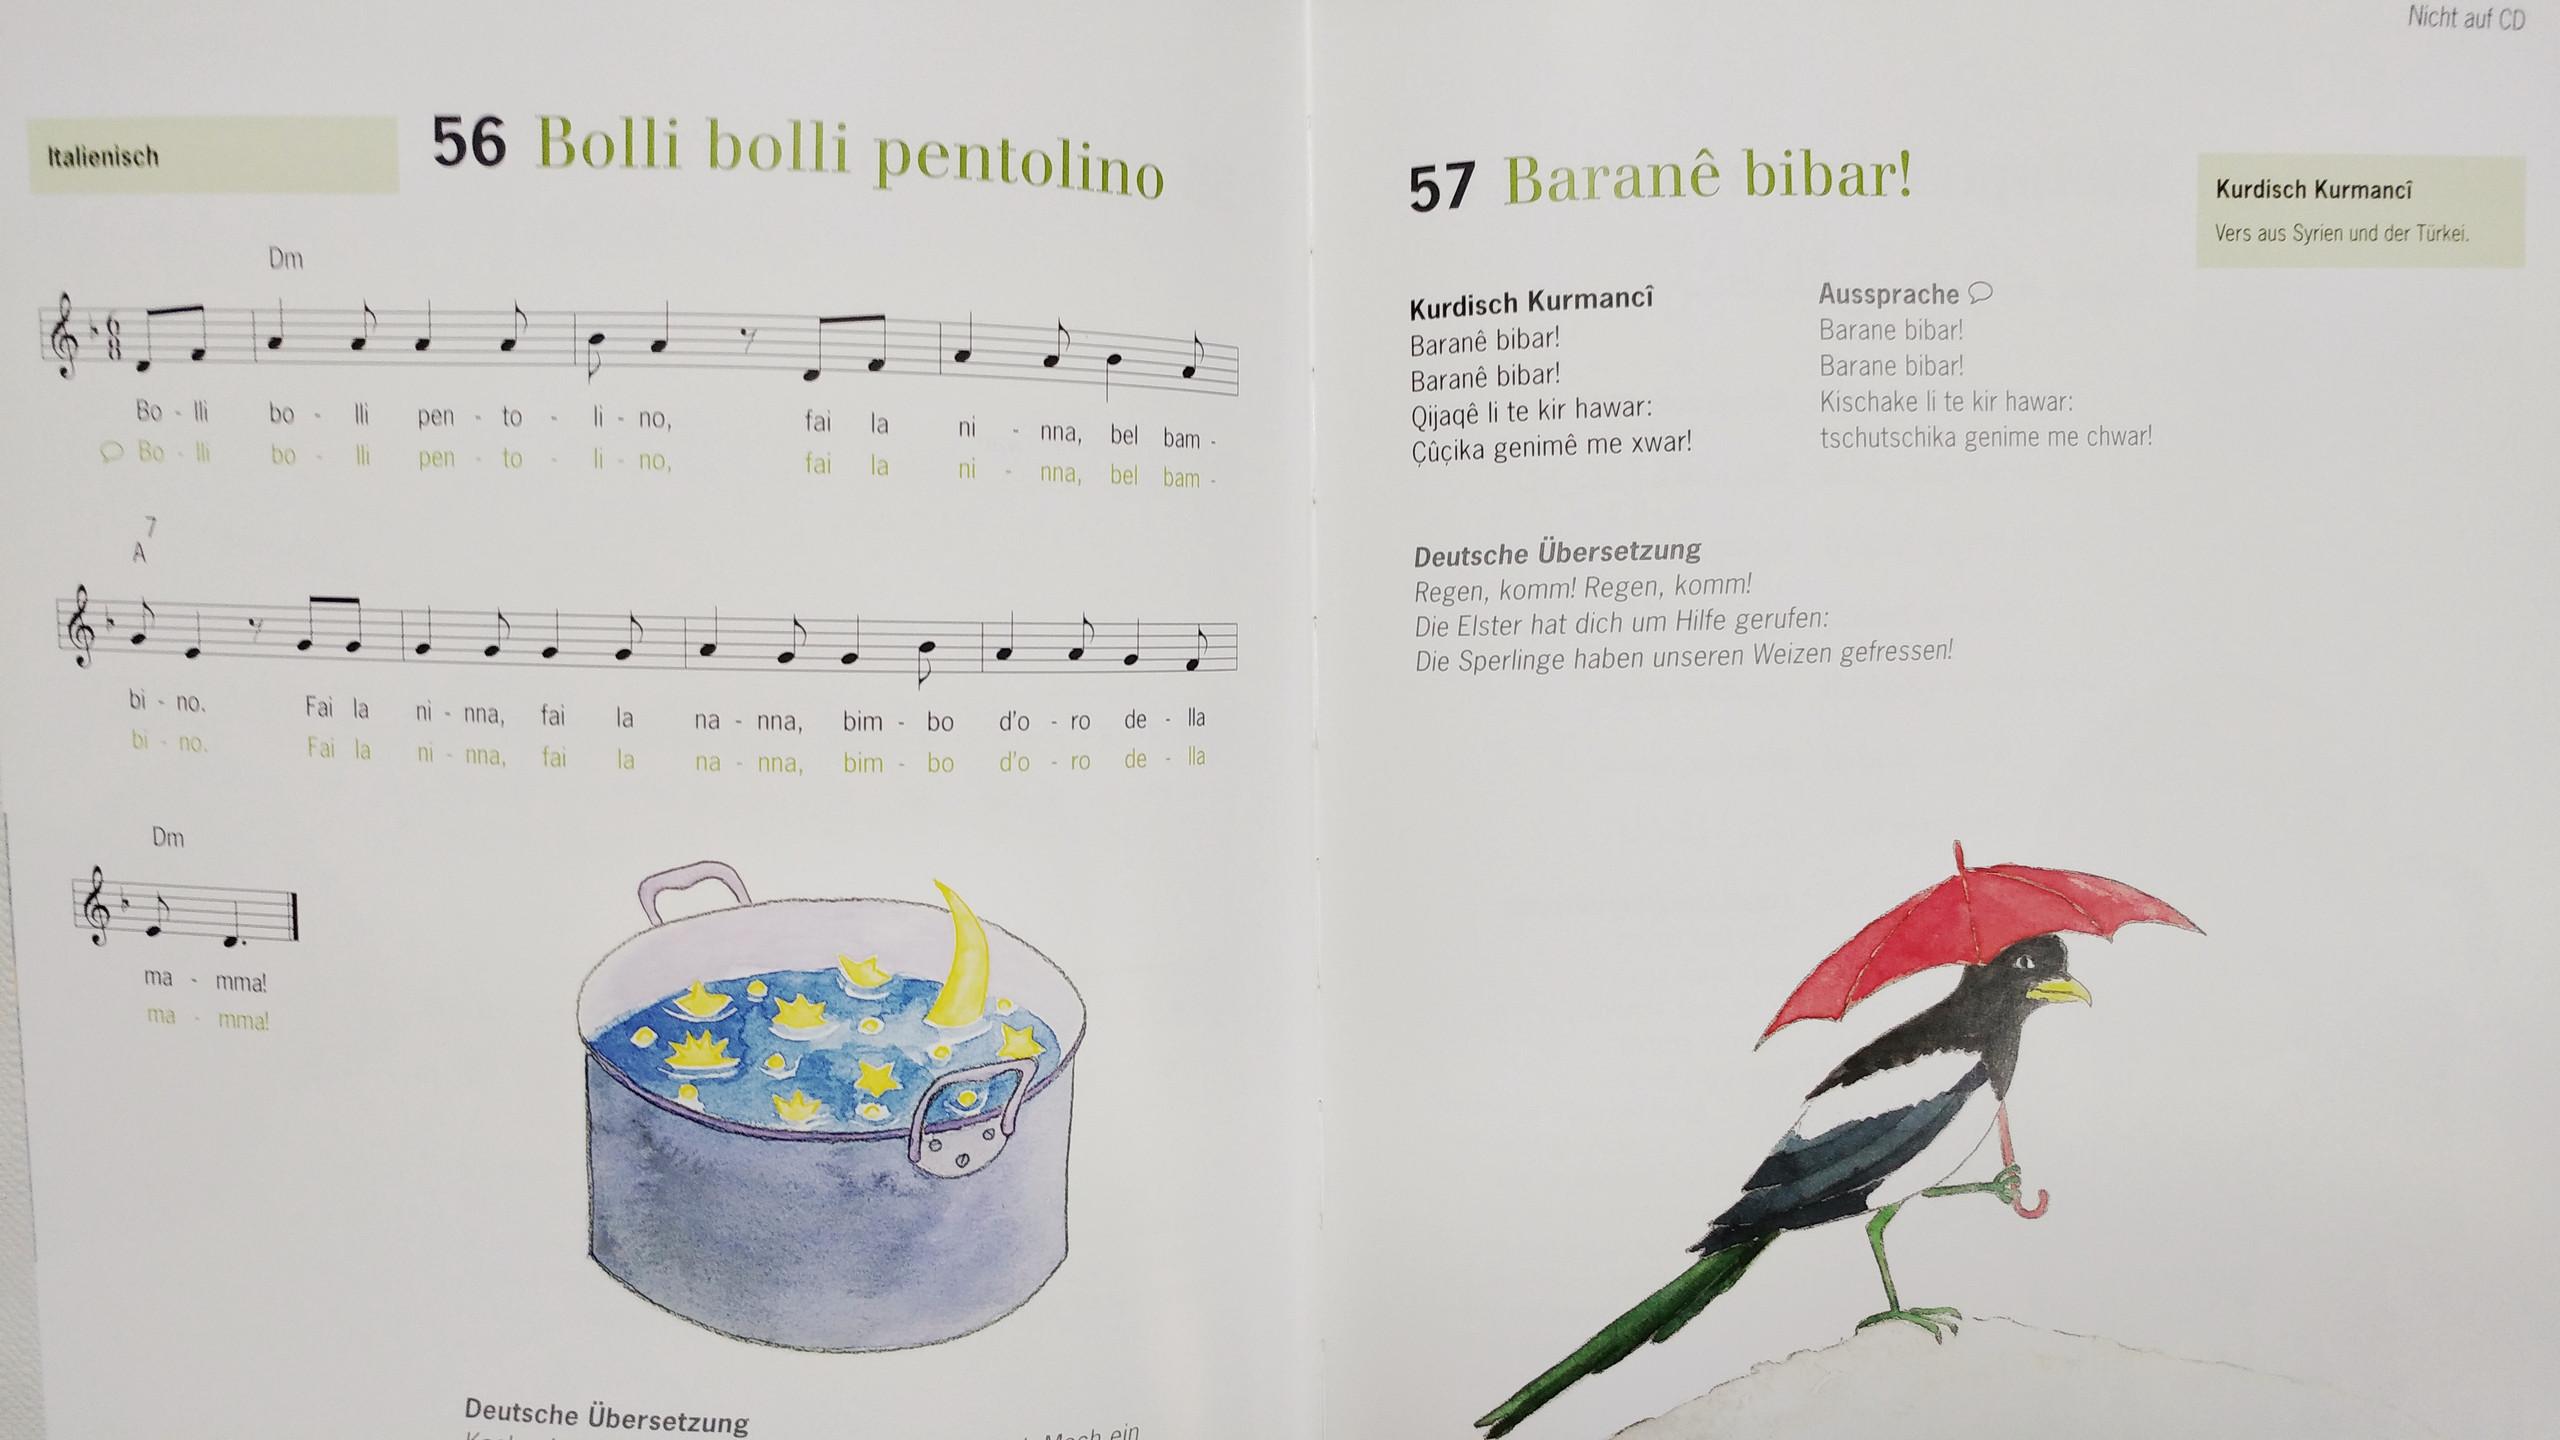 Bolli bolli pentolino + Baranê bibar